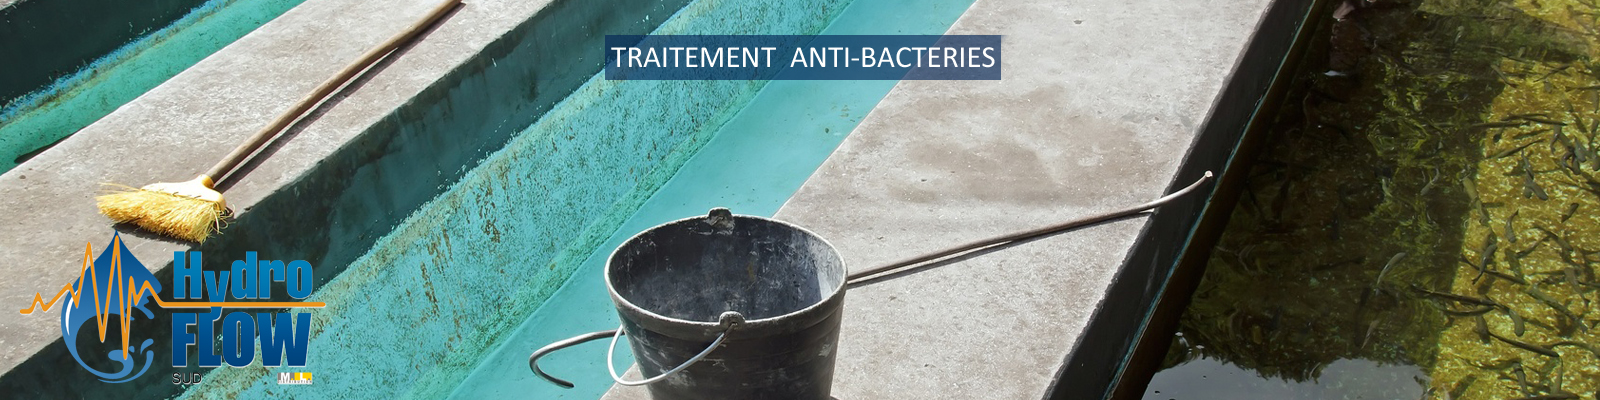 Traitement anti bactéries hydroflow